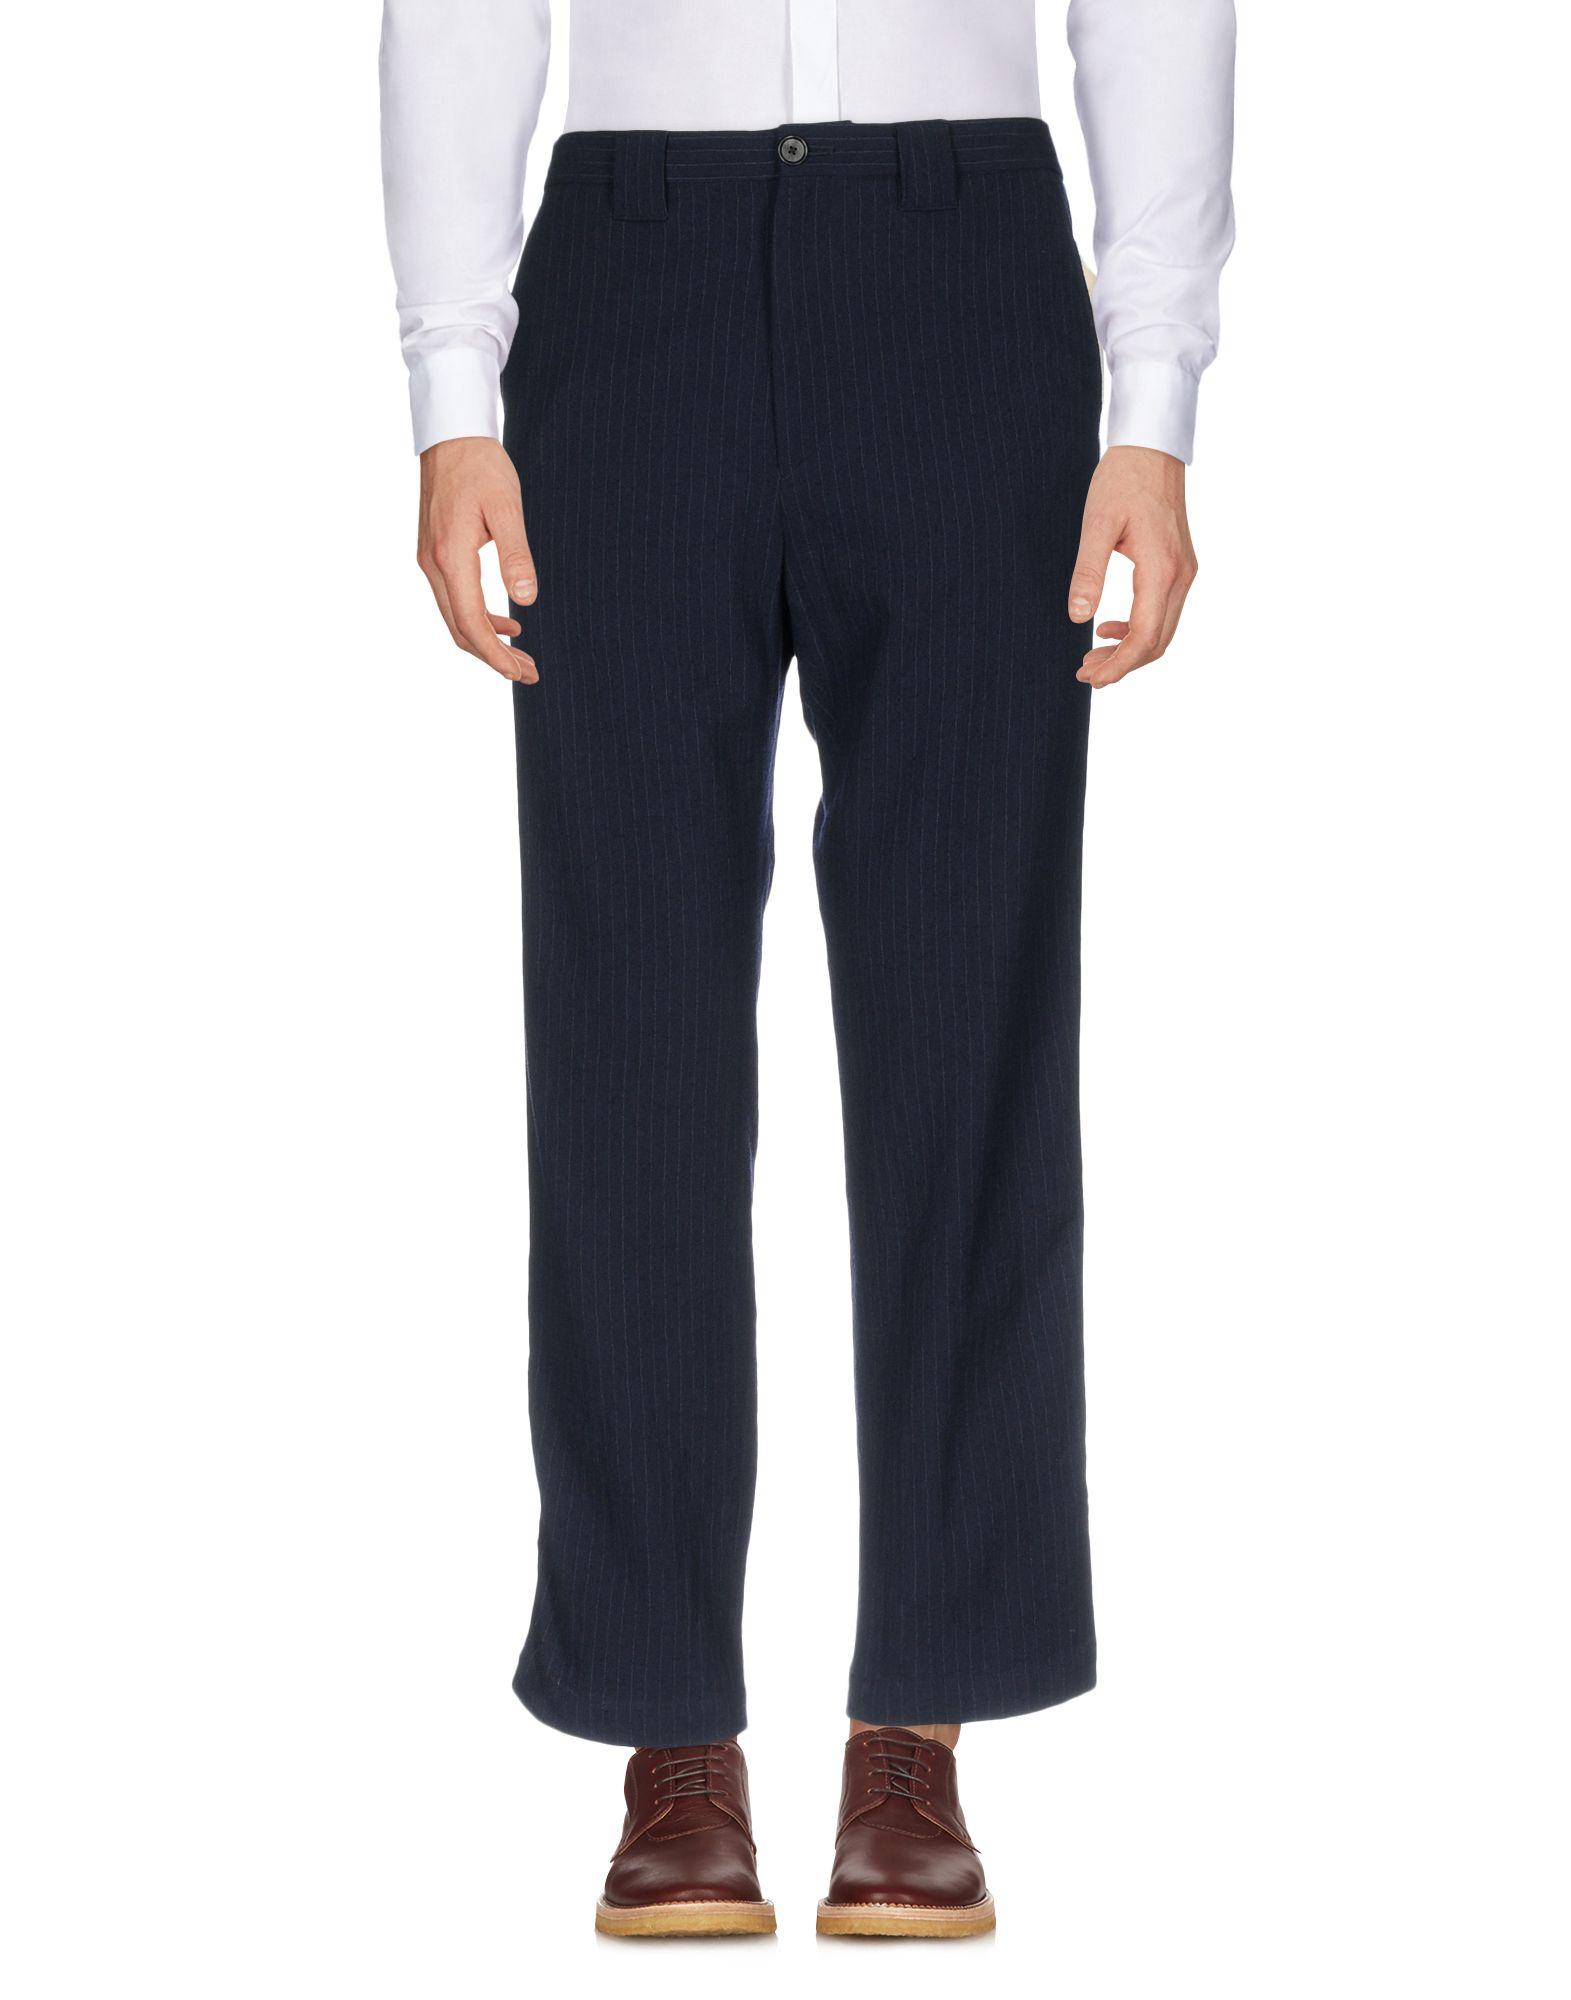 Pantalone Miharayasuhiro Uomo - Acquista online su